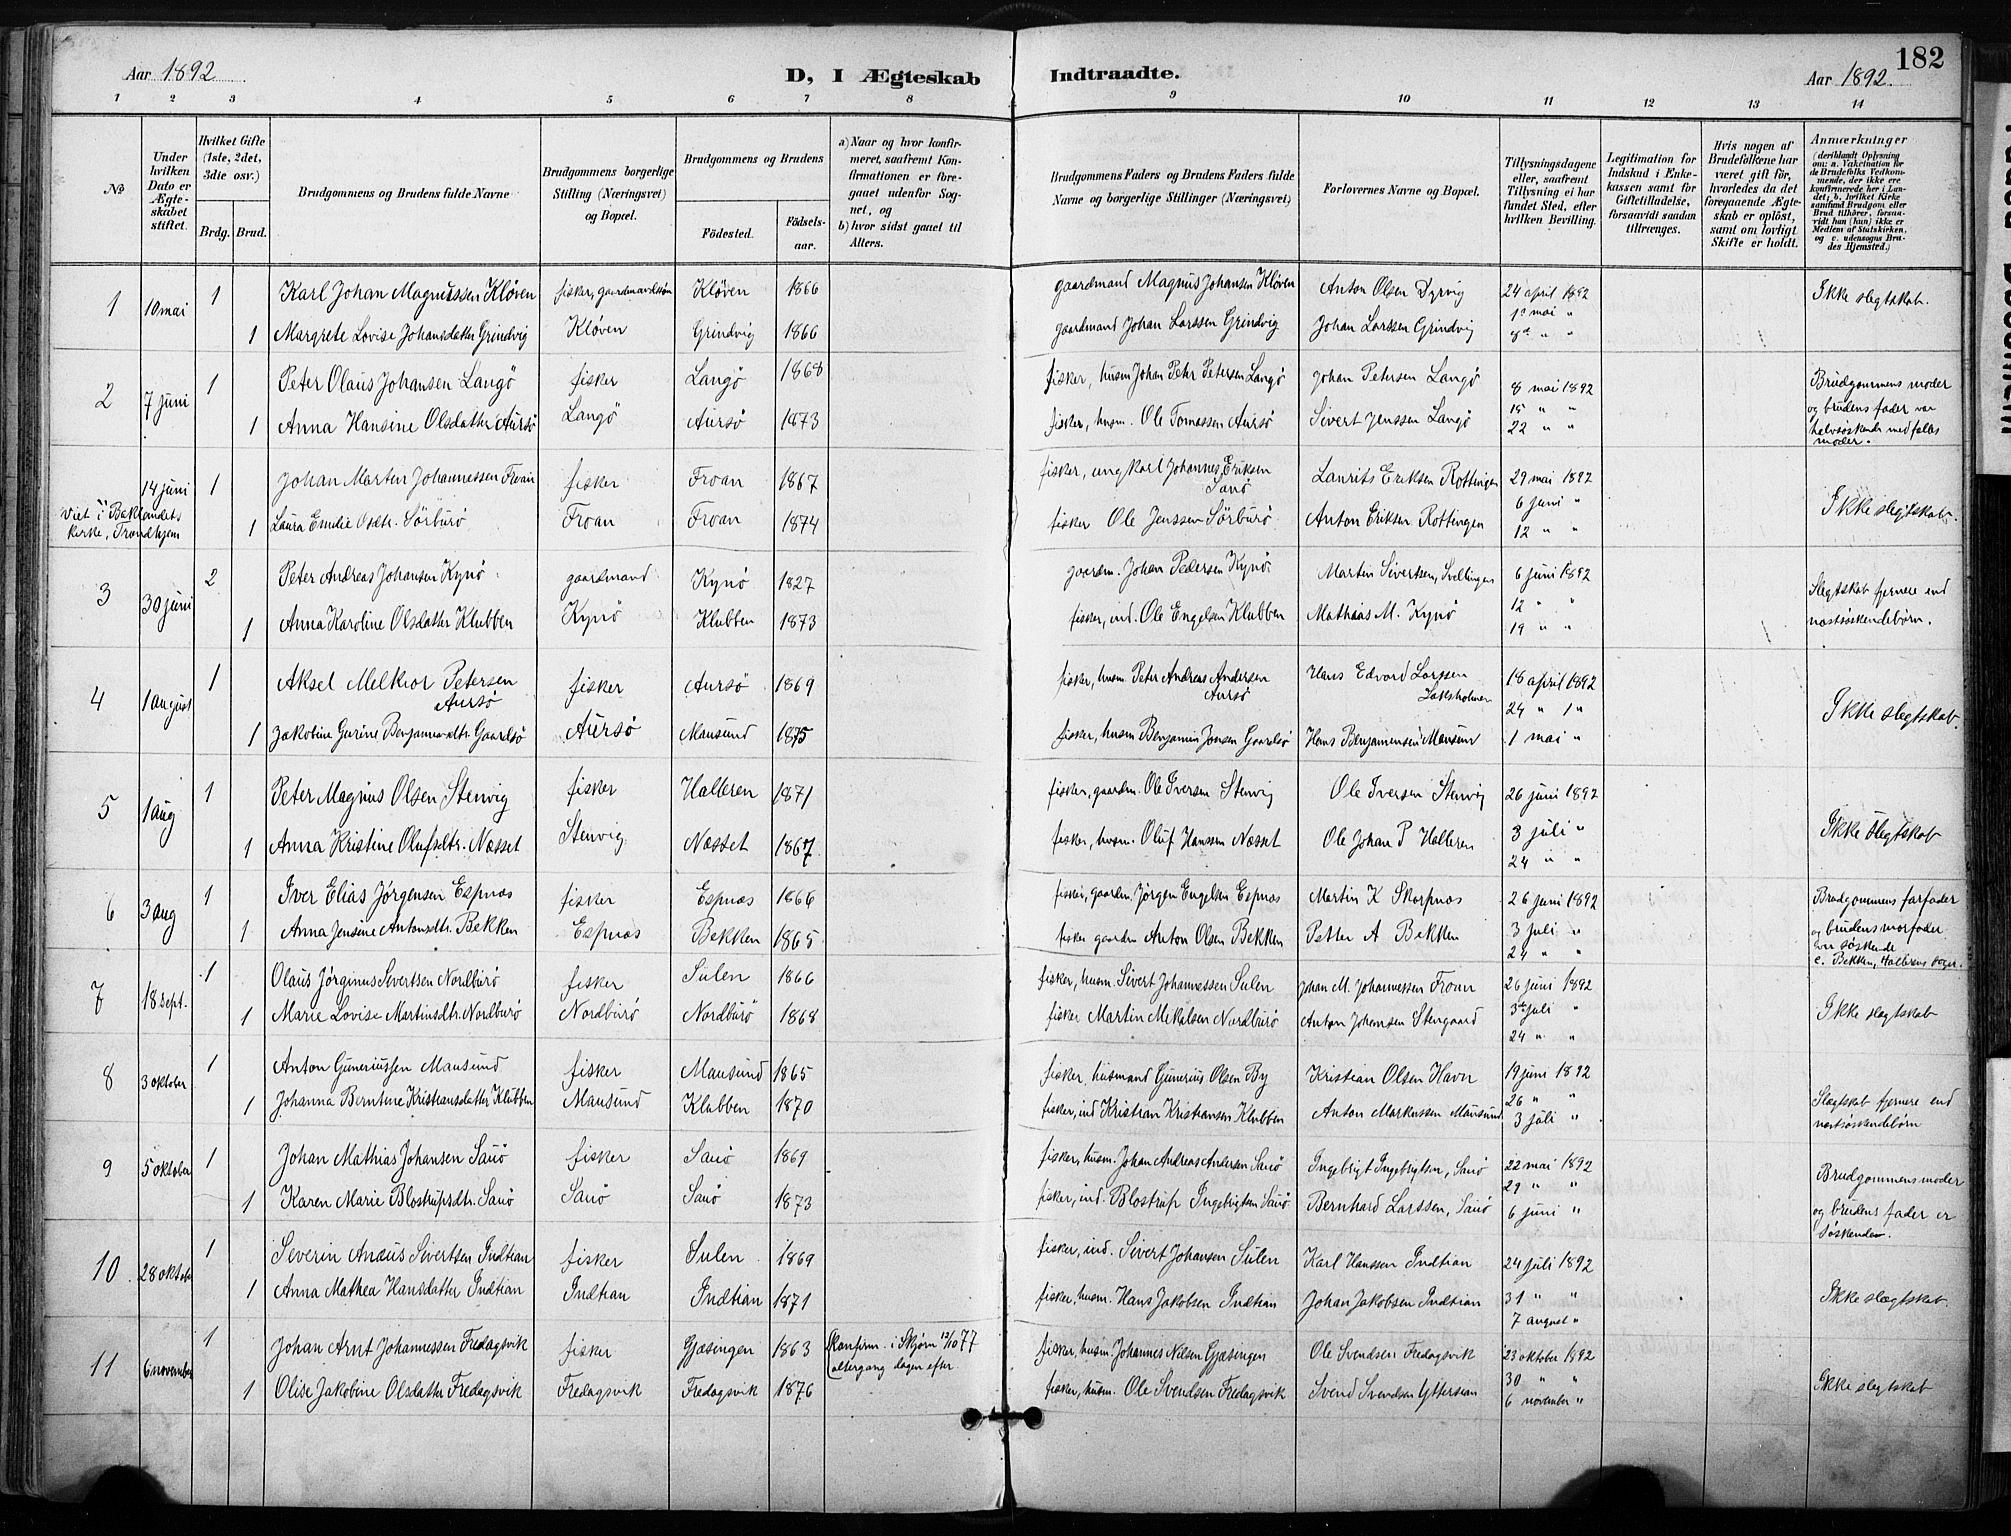 SAT, Ministerialprotokoller, klokkerbøker og fødselsregistre - Sør-Trøndelag, 640/L0579: Ministerialbok nr. 640A04, 1889-1902, s. 182